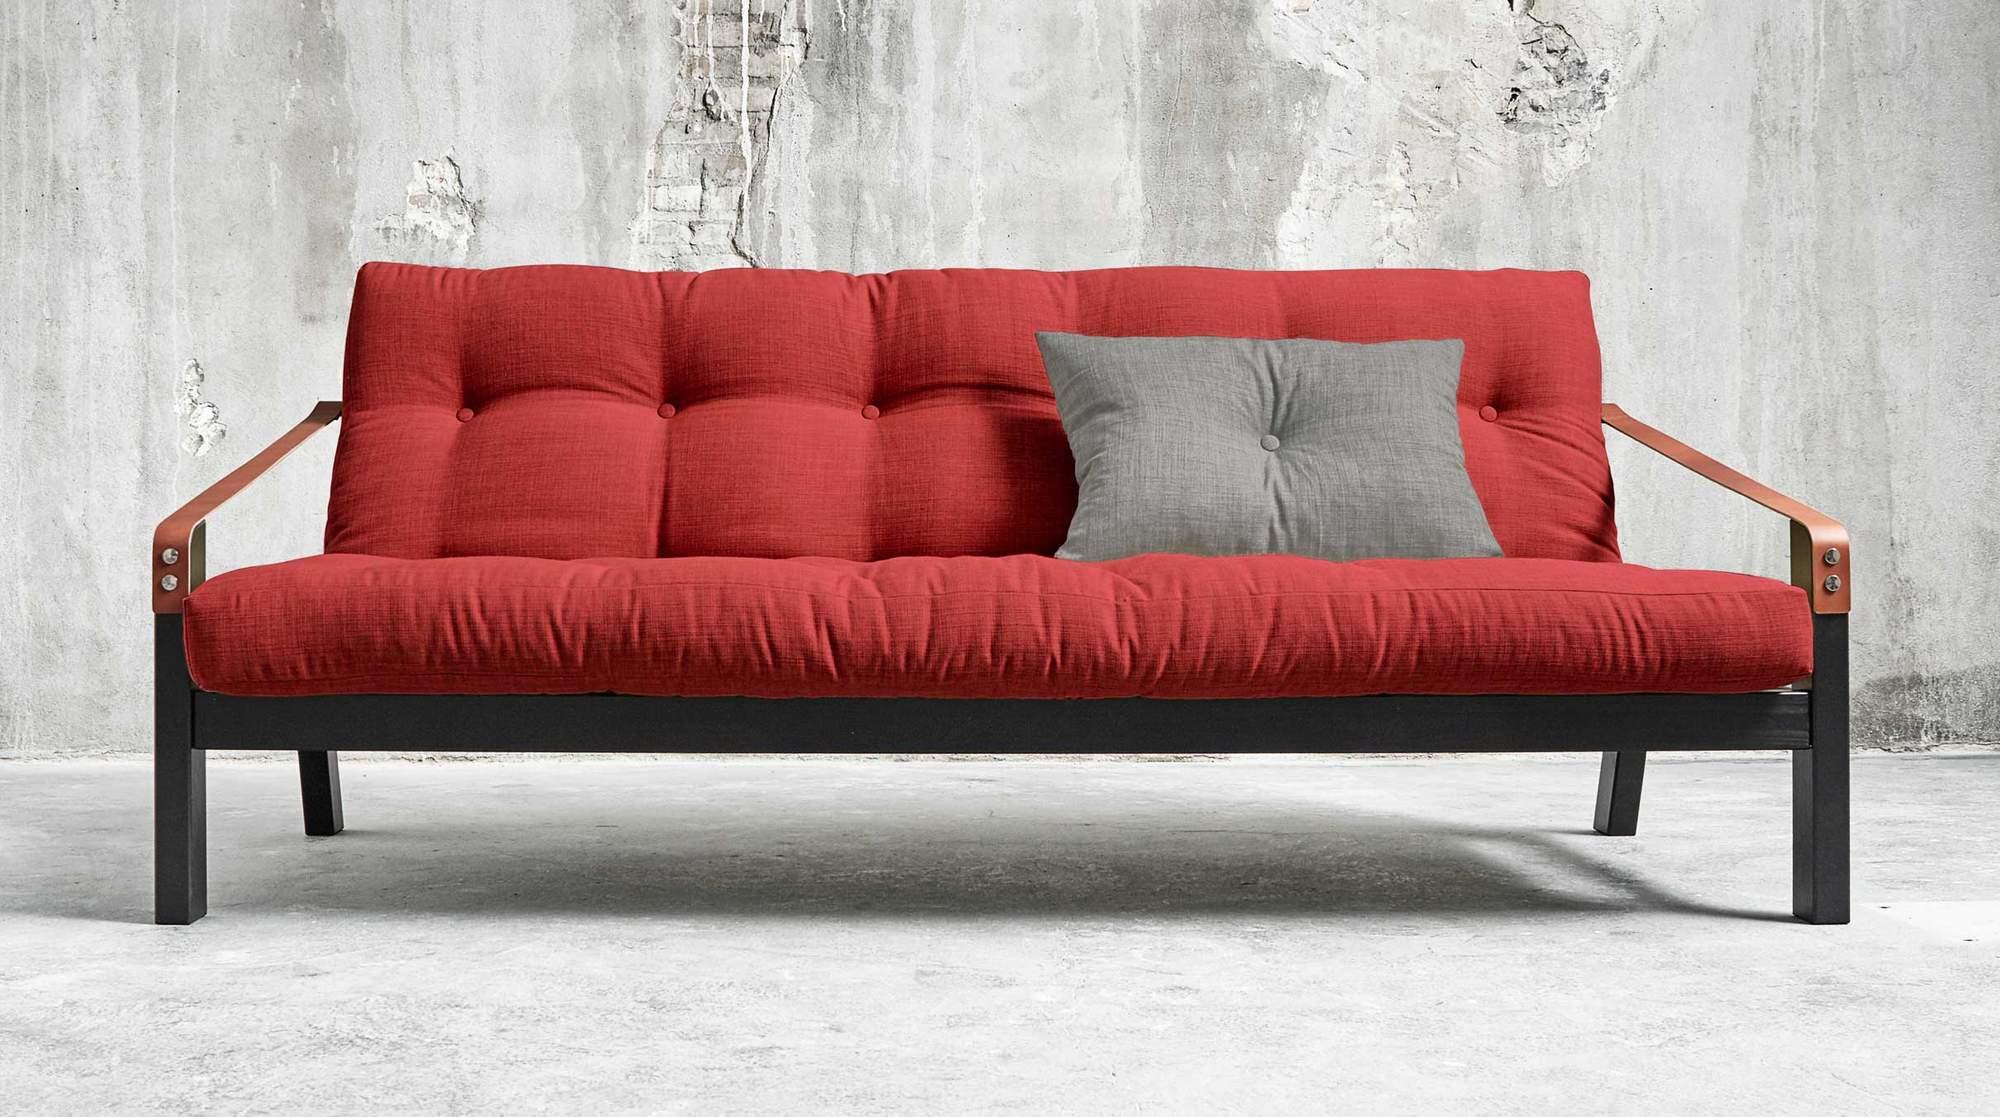 klappbare schlafsofas schlafzimmer 13 qm einrichten. Black Bedroom Furniture Sets. Home Design Ideas